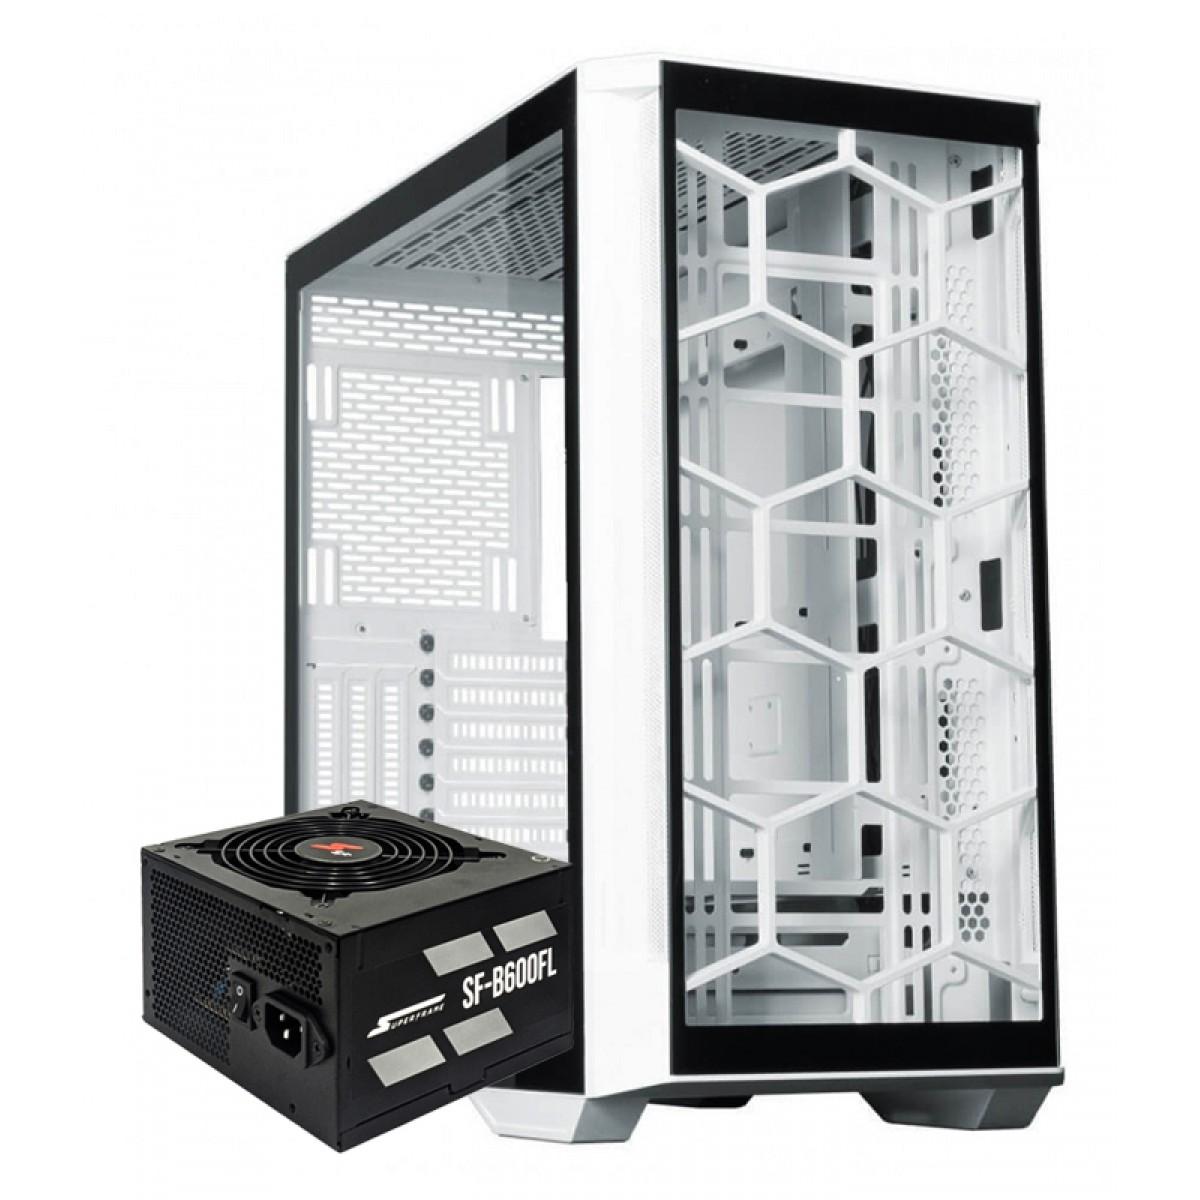 Kit Upgrade, Gabinete Redragon Megatron White, Fonte SuperFrame 600W